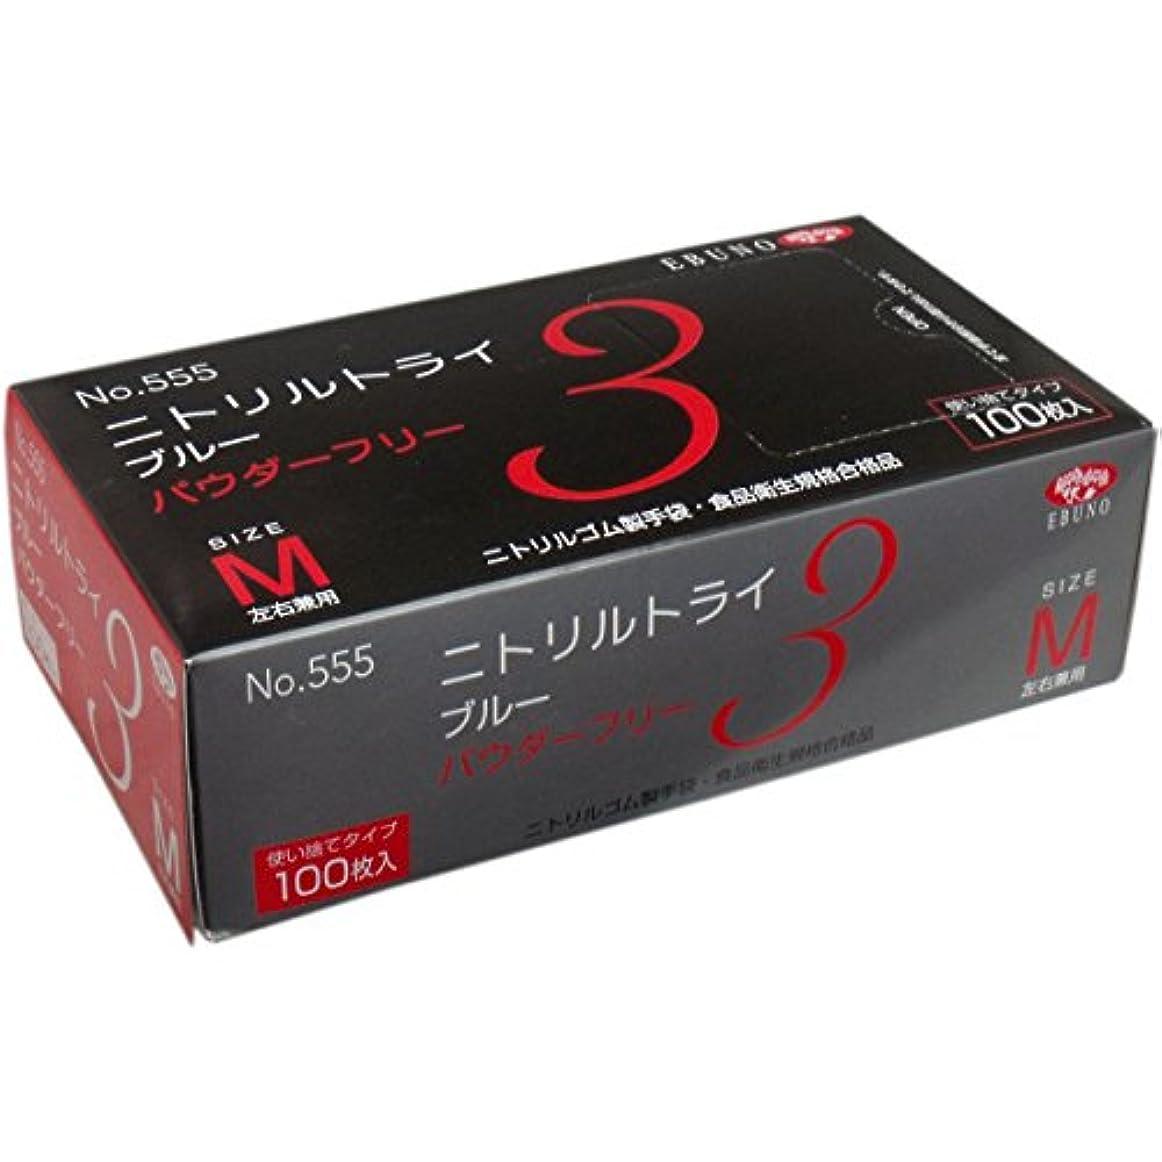 技術者郵便ニトリルトライ3 手袋 ブルー パウダーフリー Mサイズ 100枚入(単品)